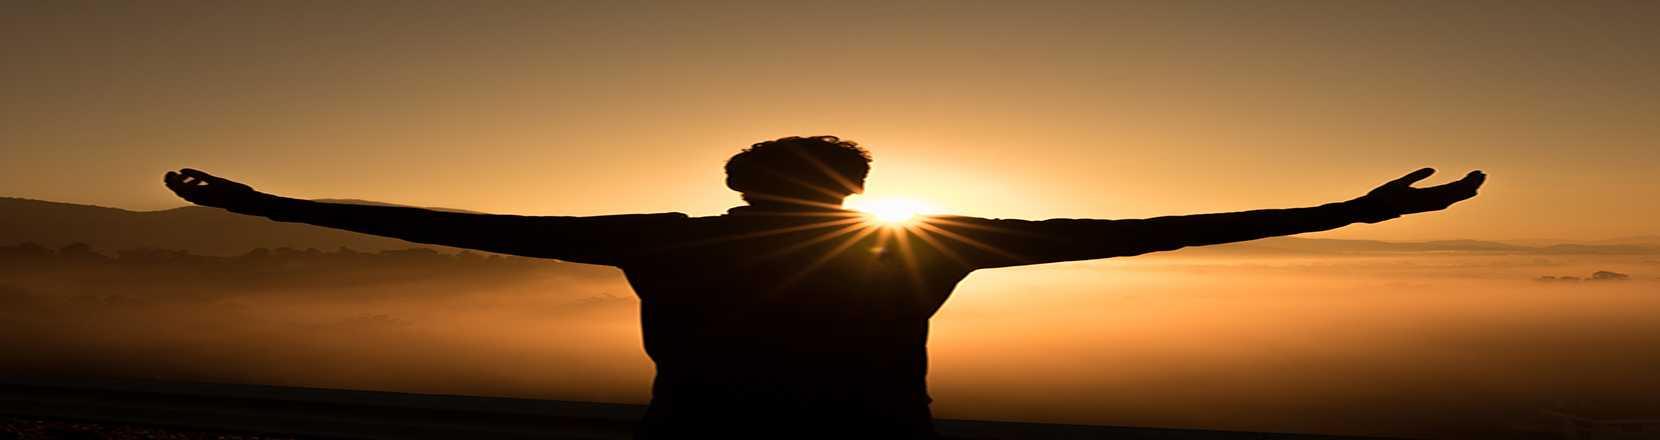 נשימה מודעת - ריברסינג, מכללת כרכור. בואו ללמוד דרך ריפוי מלאת עוצמה